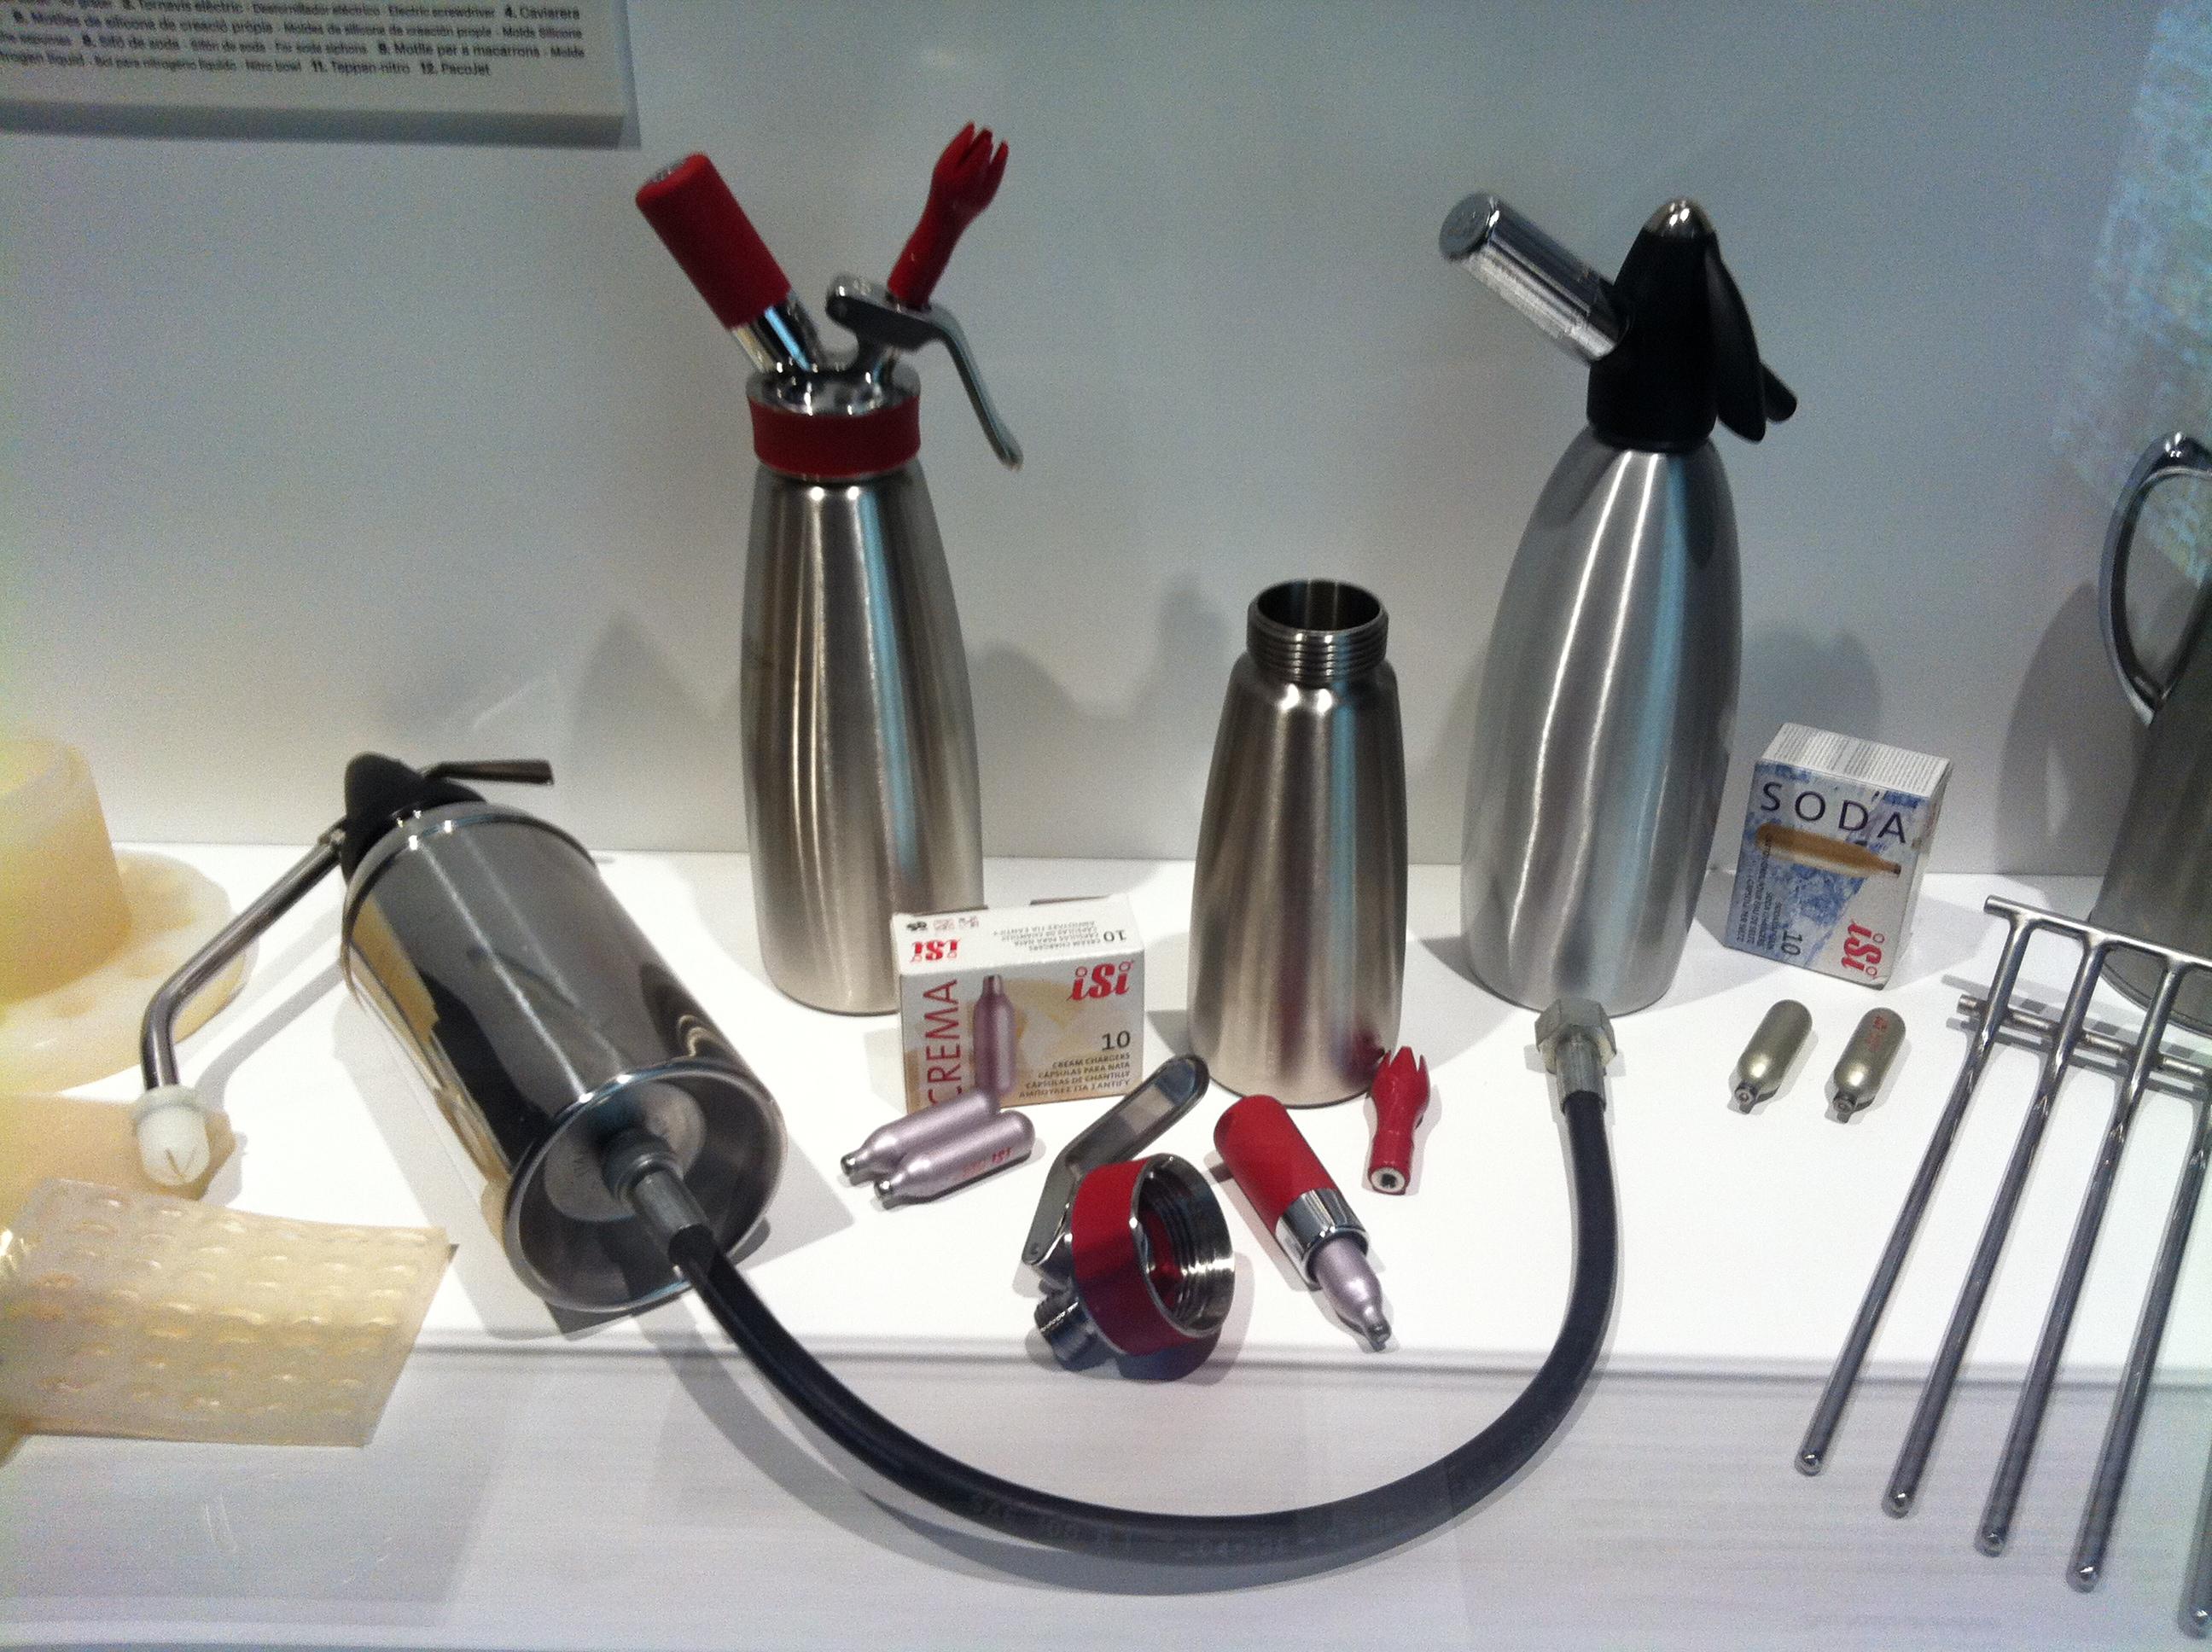 Alcuni degli strumenti utilizzati da Ferran Adria (dalla mostra dedicata allo chef catalano organizzata al Palau Robert, a Barcellona, nel 2012 - fonte: Wikimedia Commons)